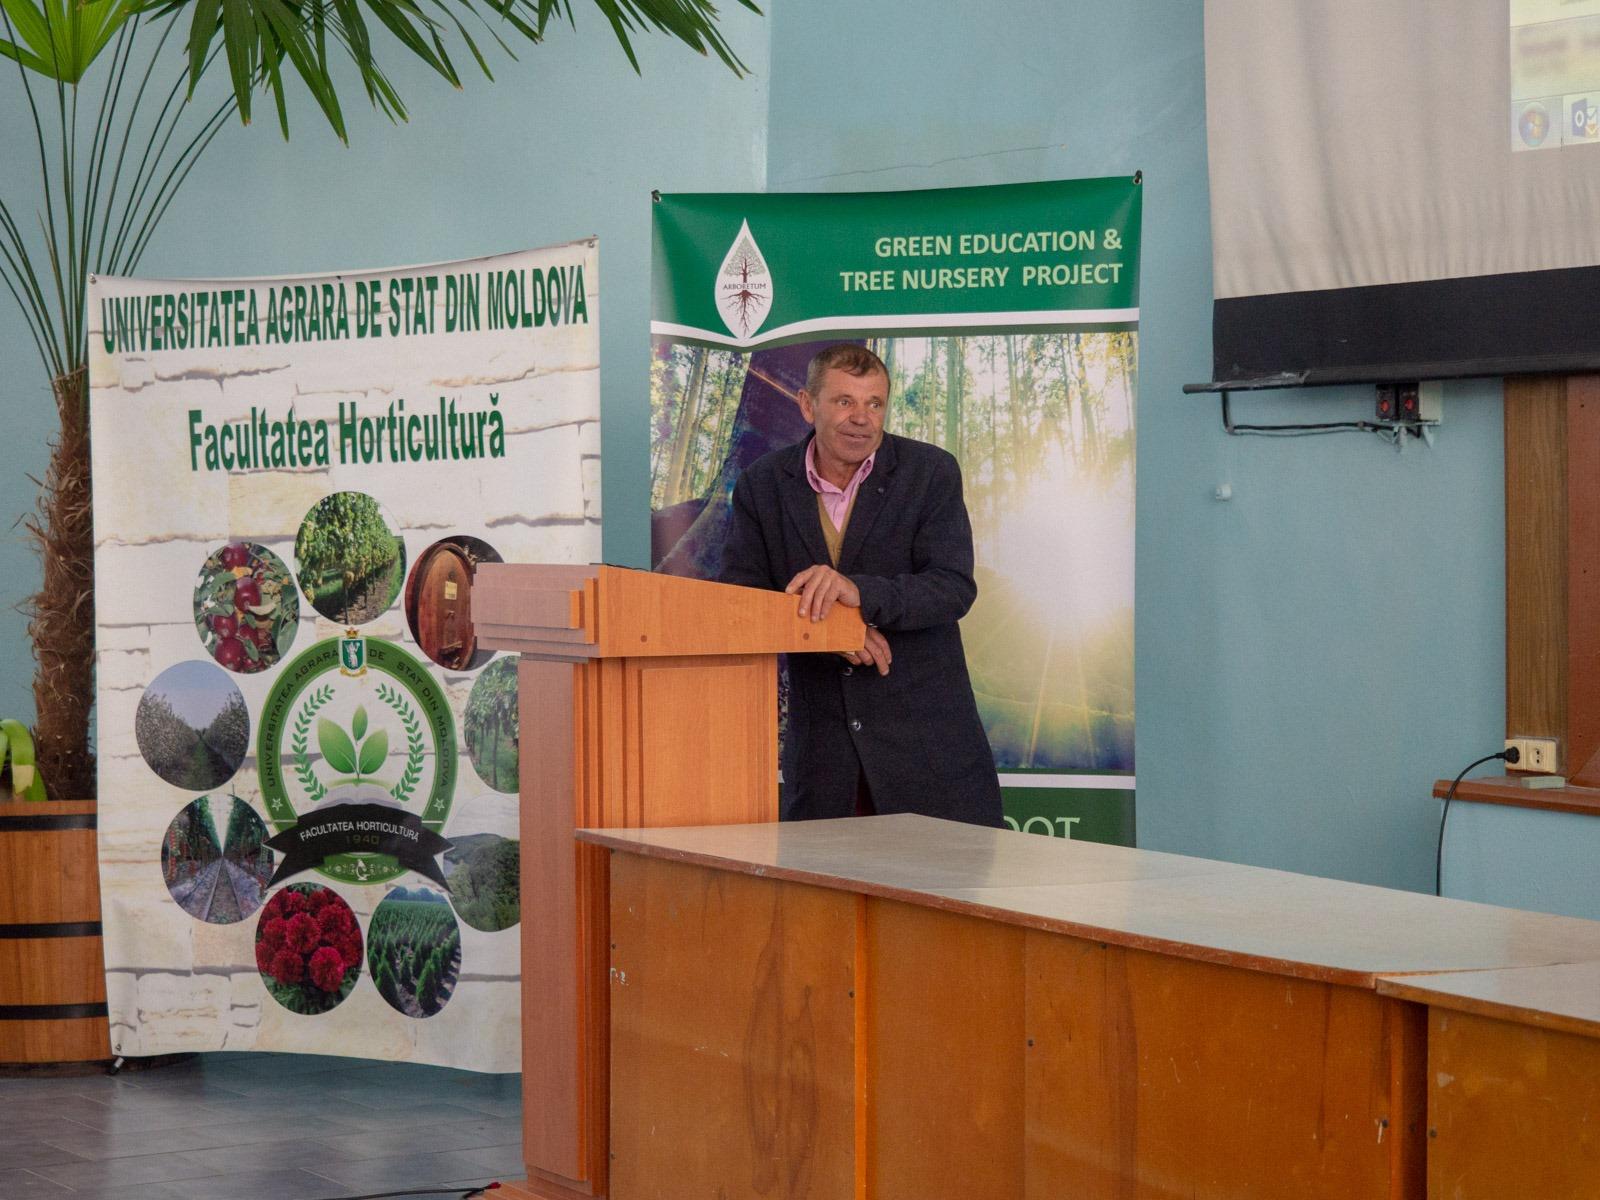 Михай Цынцар, примар села делится практическим опытом реабилитации более 400 Га деградированных земель (300 из них - новый лес)